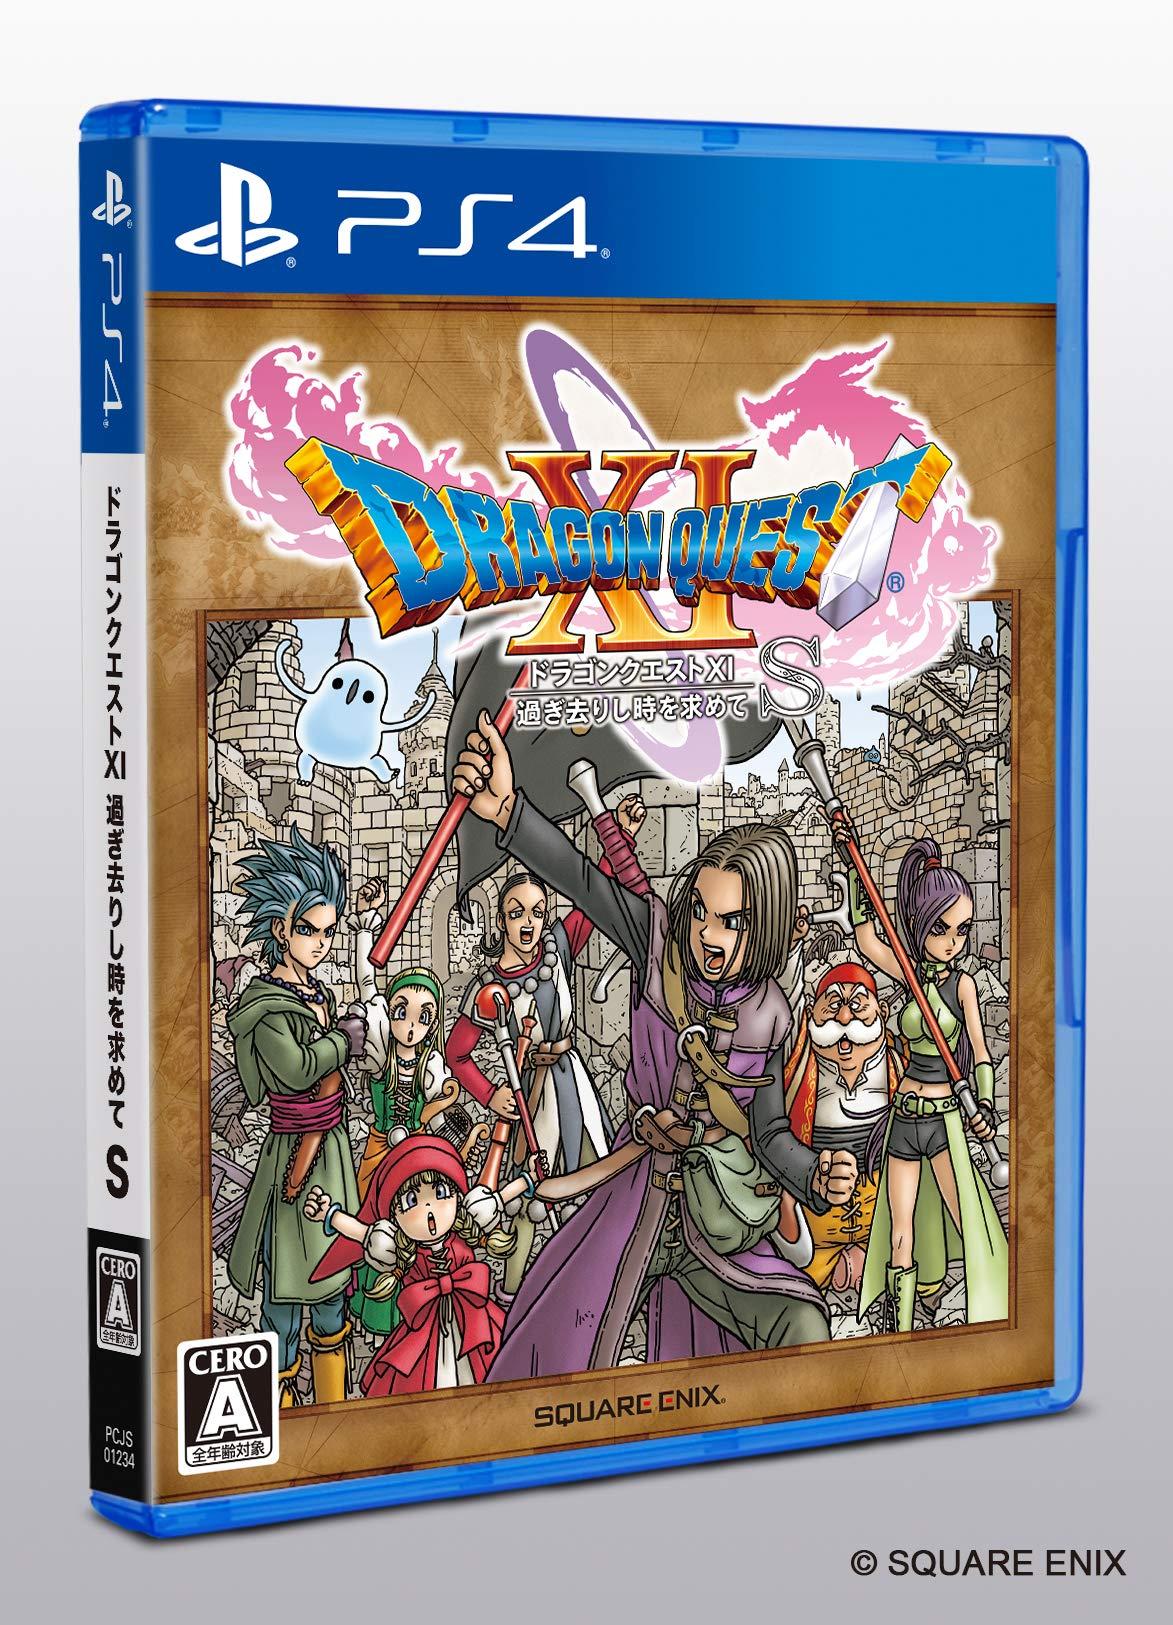 キャラクターボイス付きの『ドラゴンクエストXI 過ぎ去りし時を求めて S』がPS4・Xbox・PCにも登場!数量限定の「おうちカフェセット」も!【12月4日発売!】